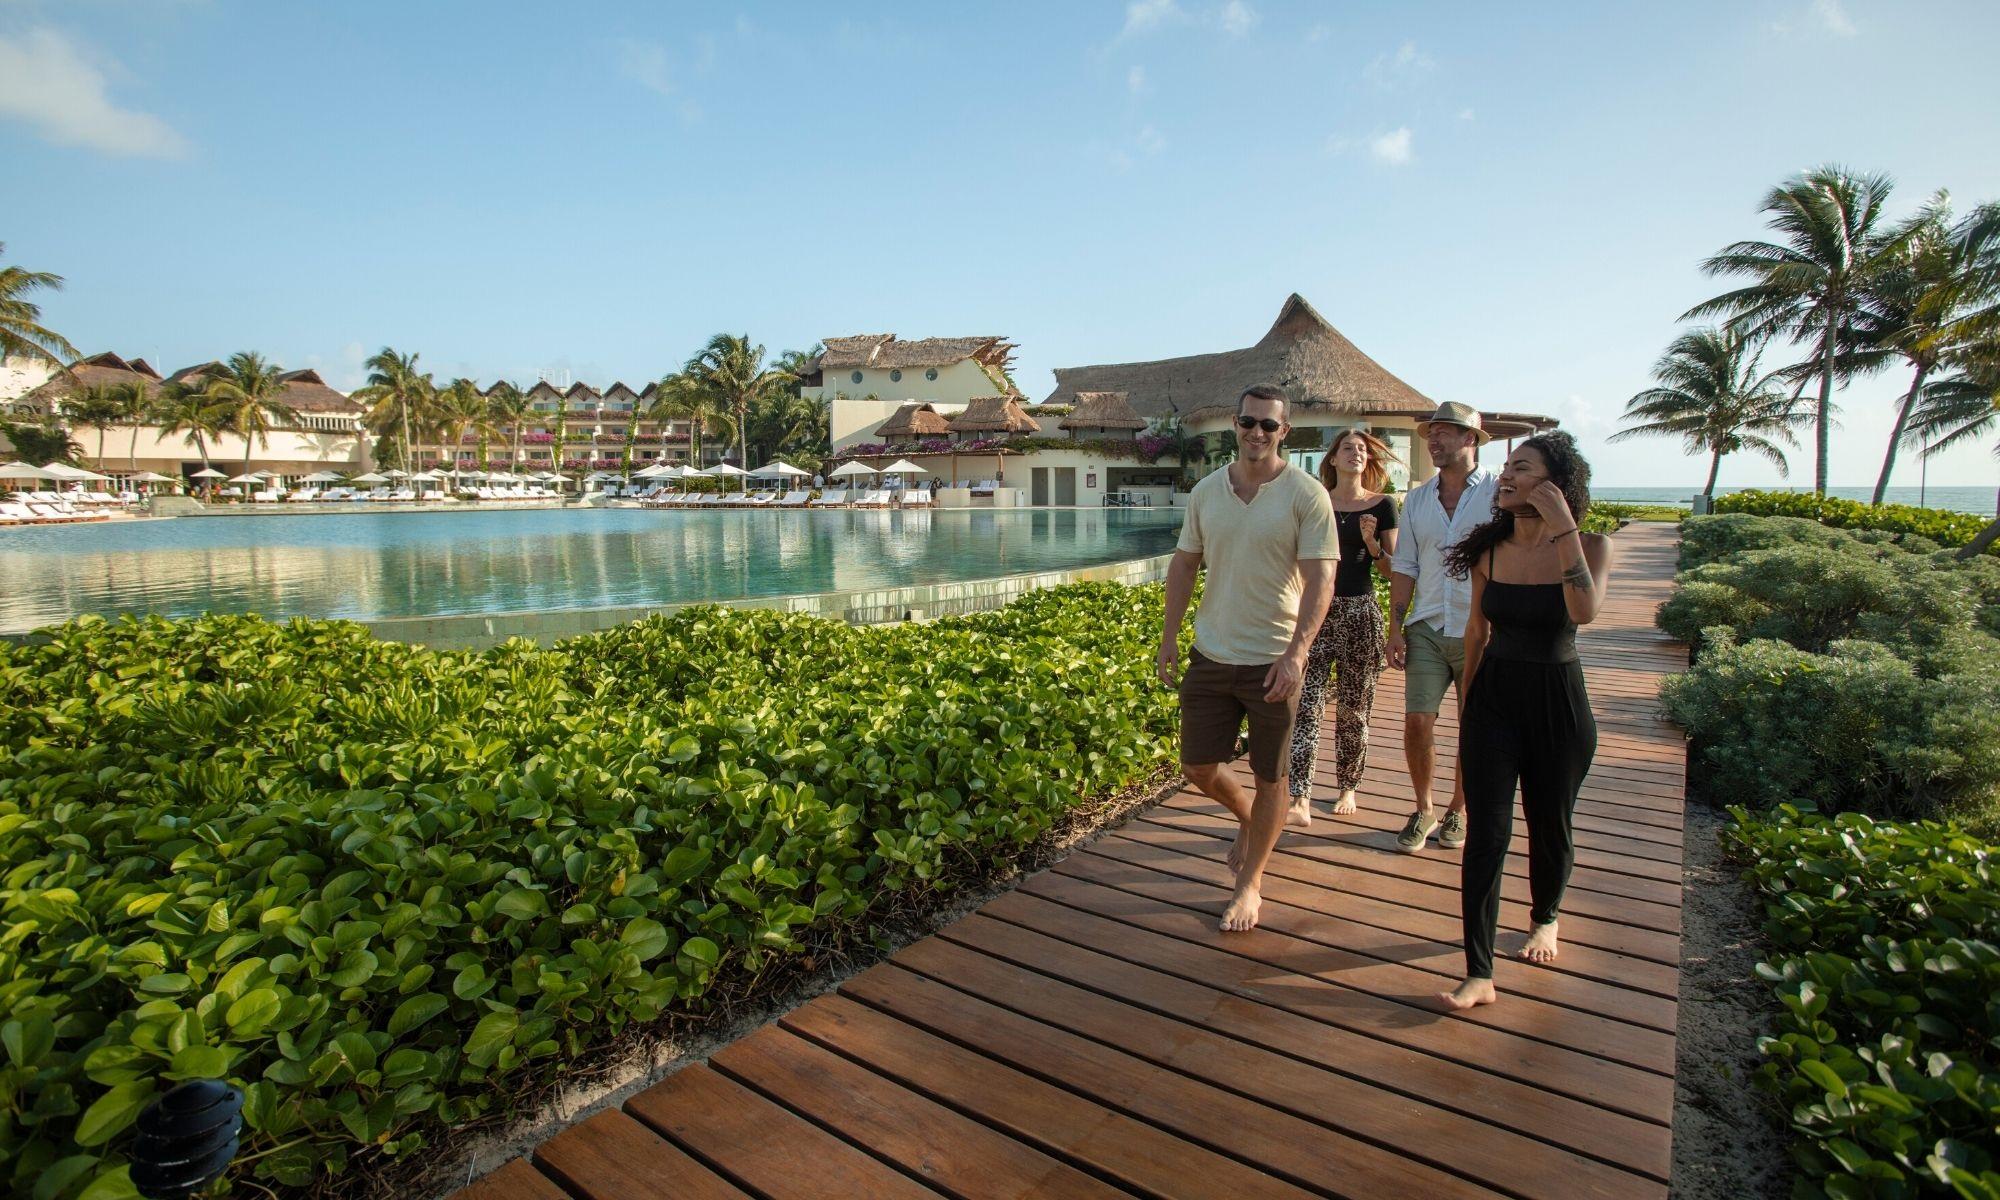 Covid-19, ¿una oportunidad para el sector turístico?